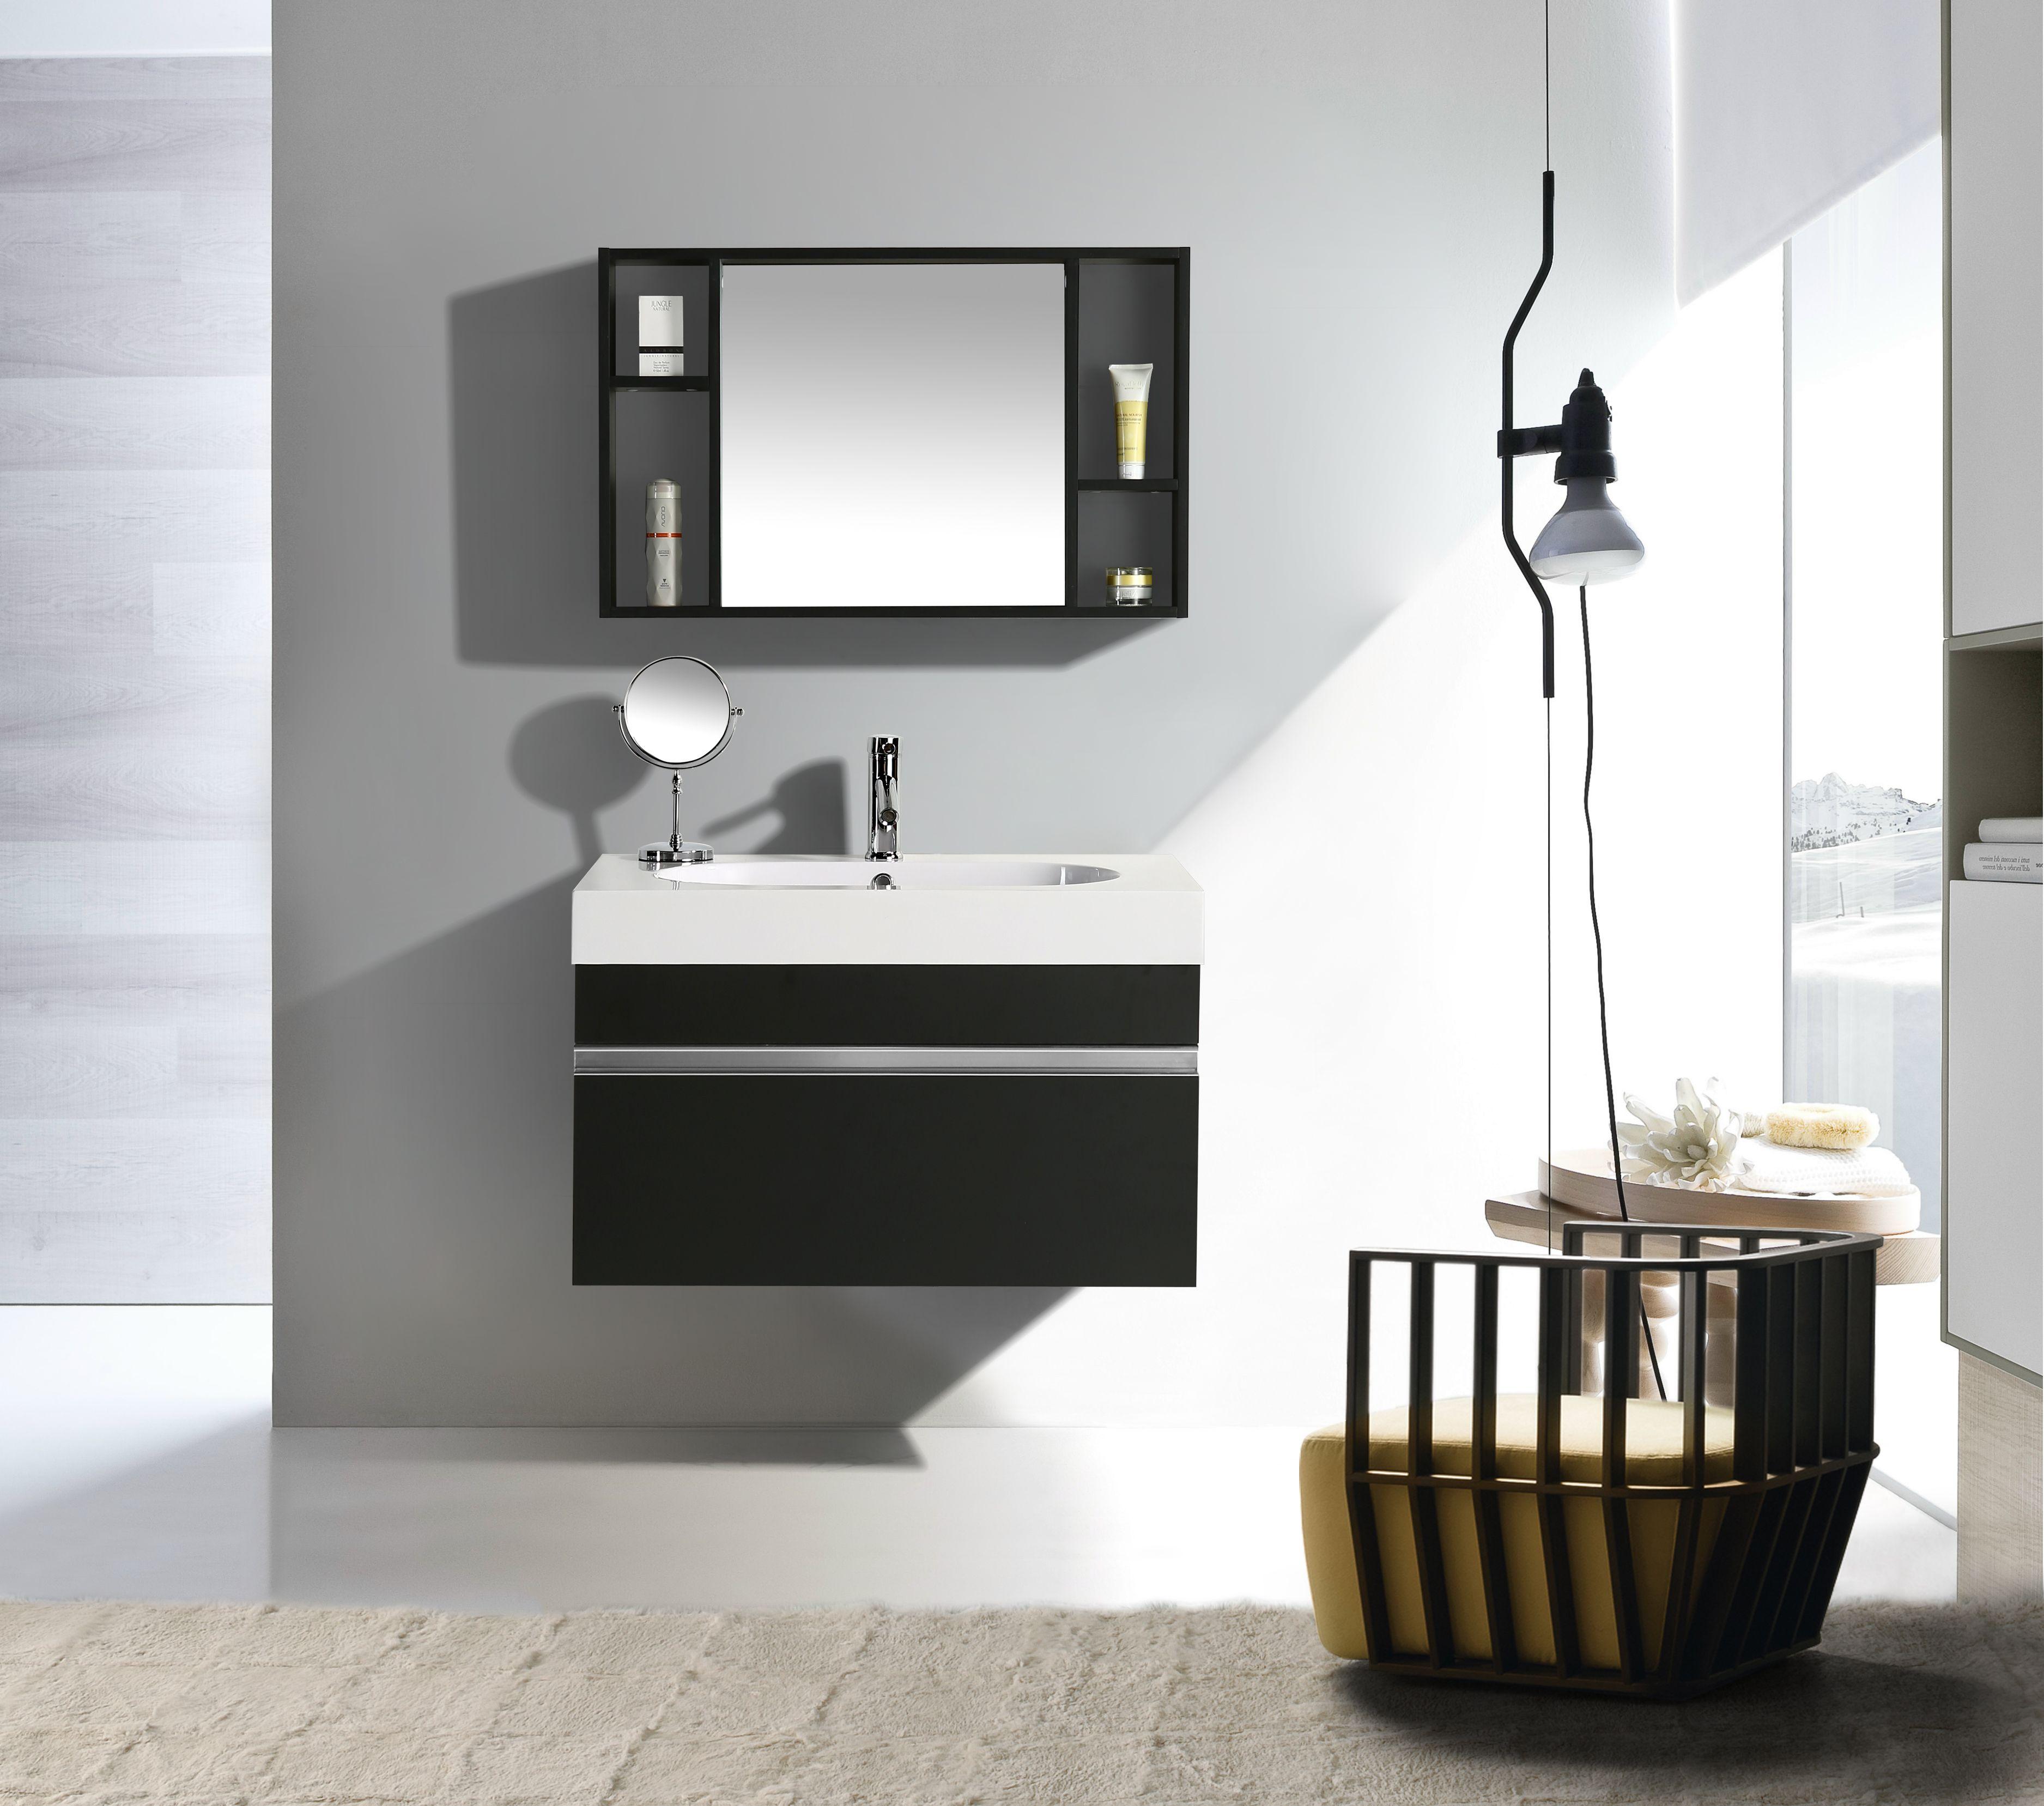 Mobile Arredo Bagno Idea 90 cm Sospeso Moderno Nero — Import For Me ...